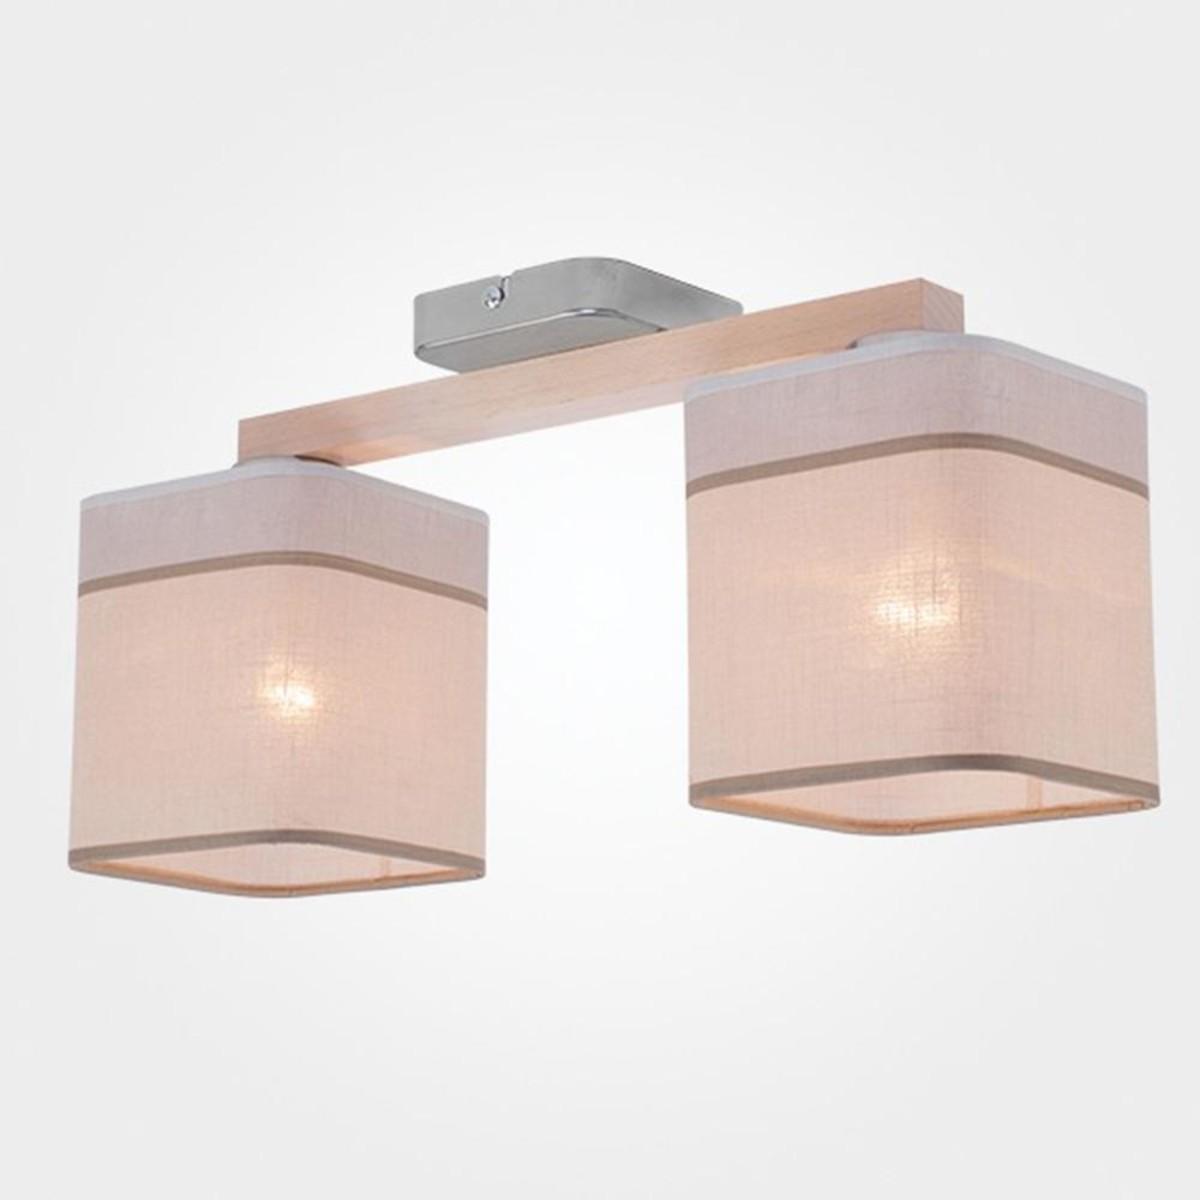 Светильник настенно-потолочный TK Lighting Nadia 1917 Nadia White 2 цвет белый